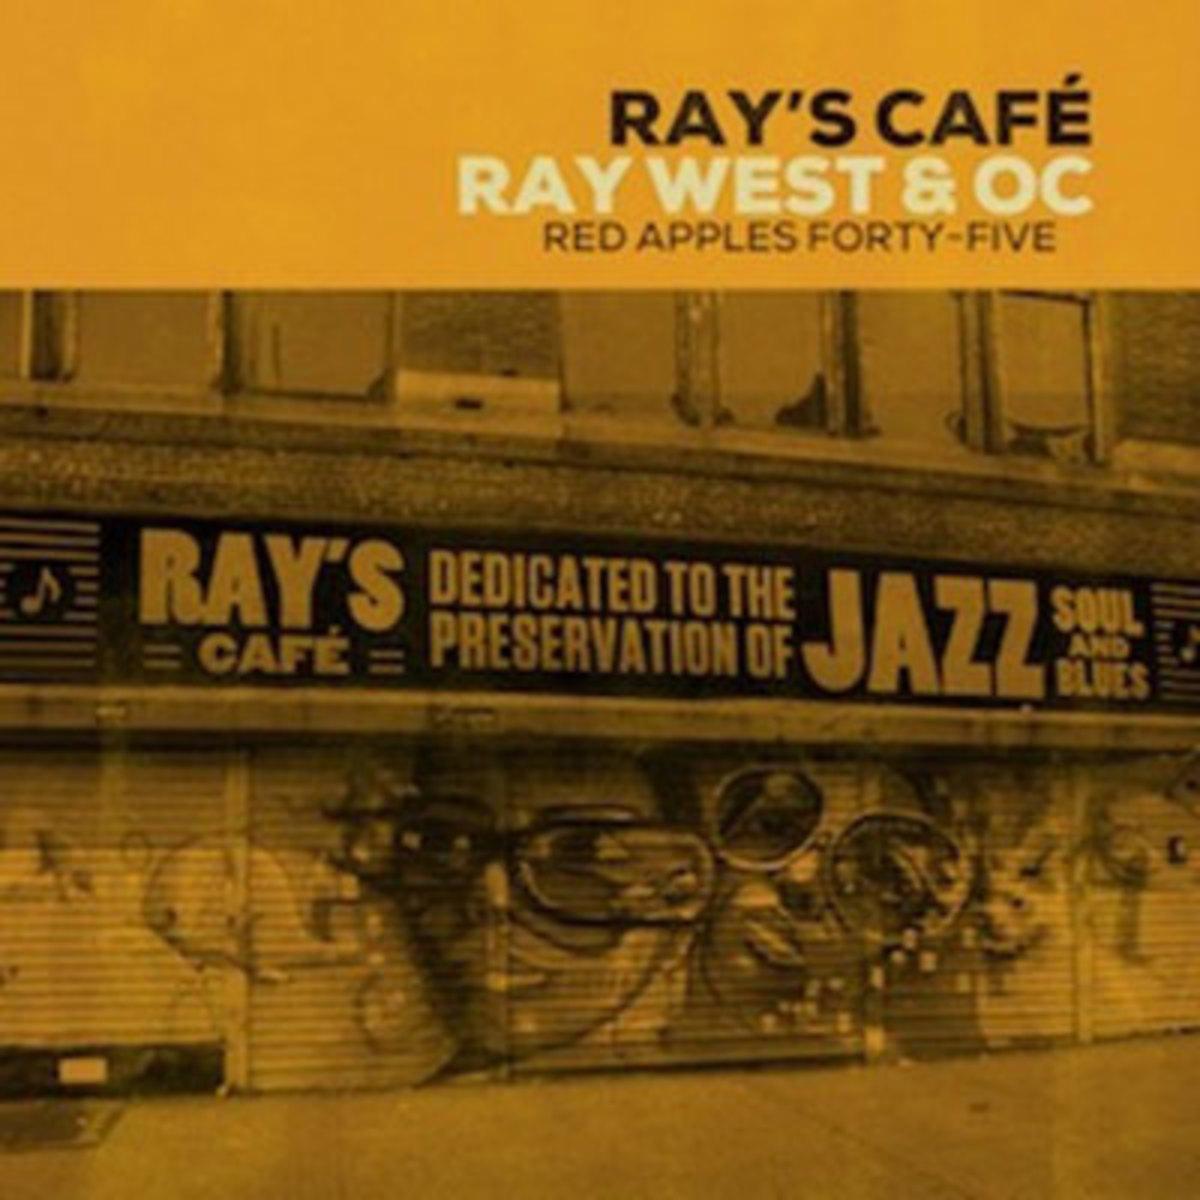 raywest-rayscafe.jpg